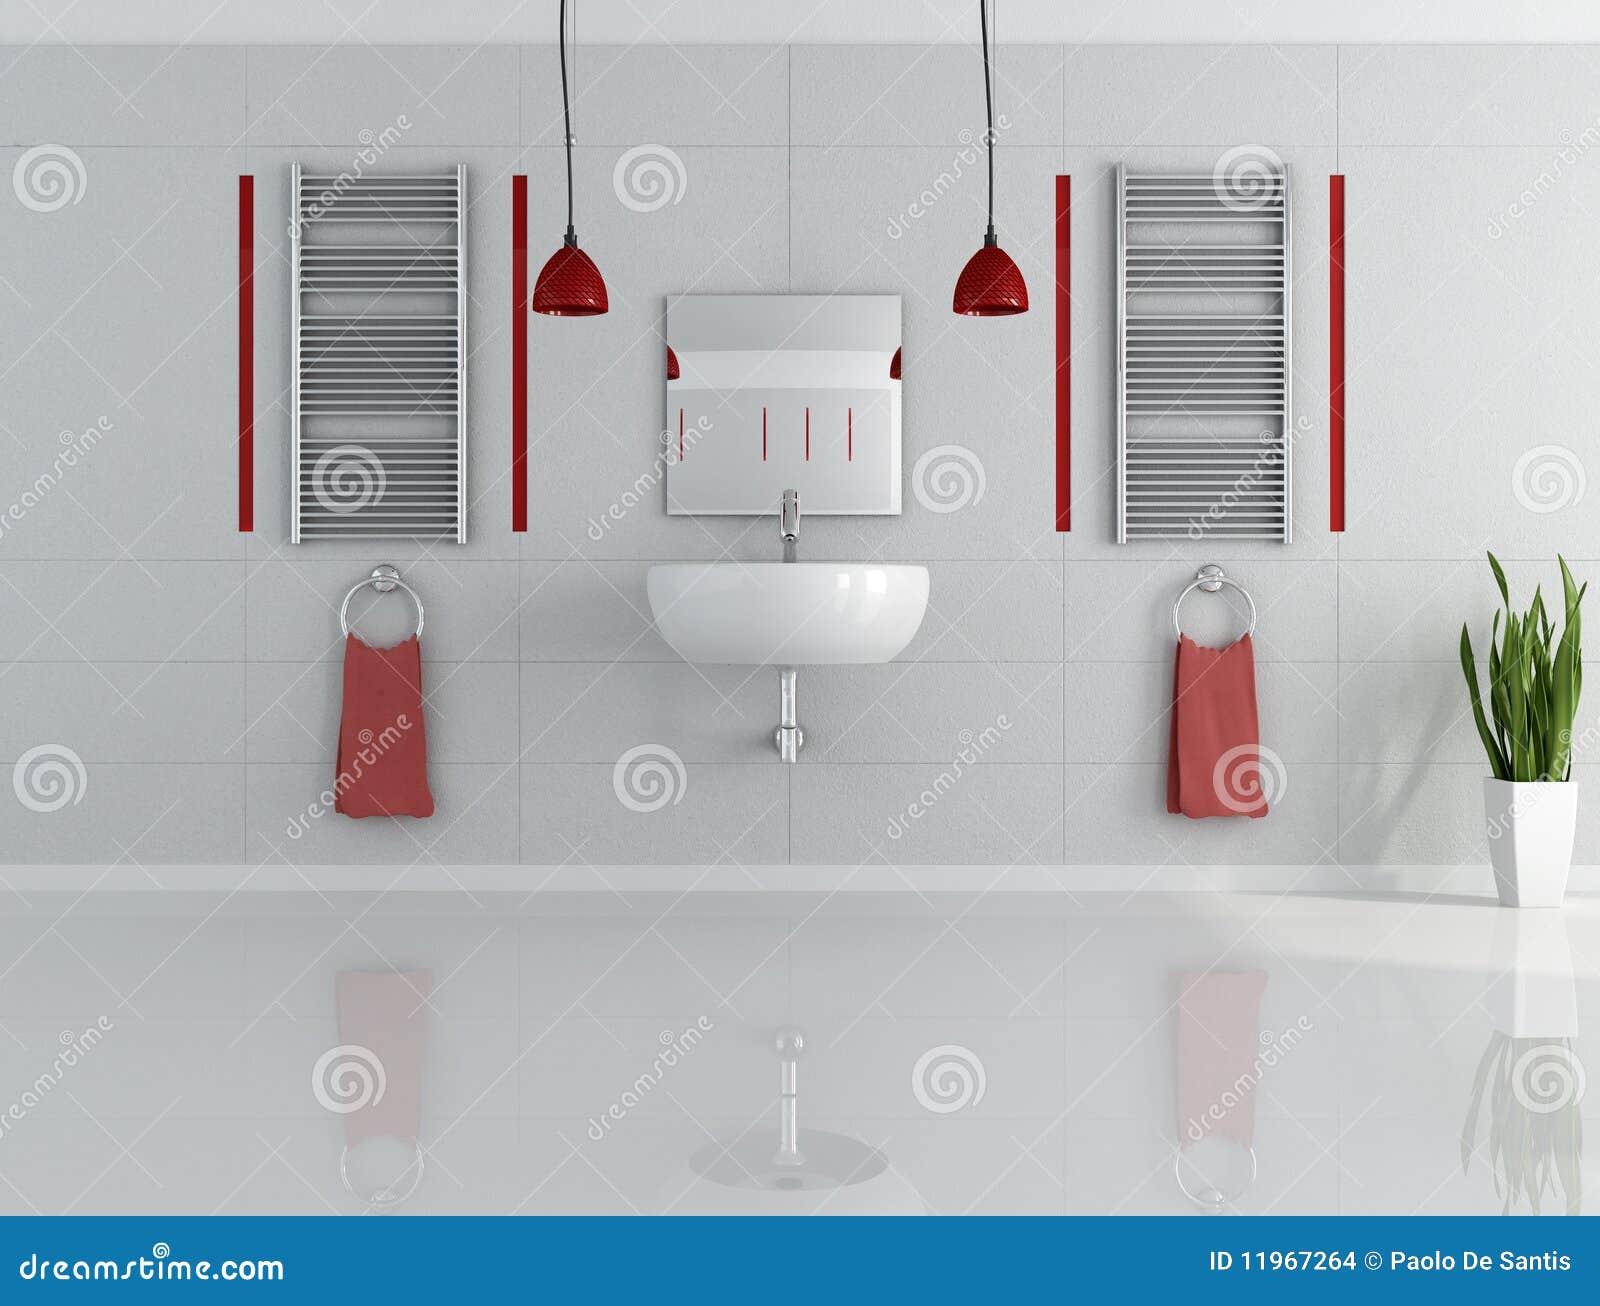 Imagens de Stock: Banheiro minimalista cinzento e vermelho #83A328 1300 1078